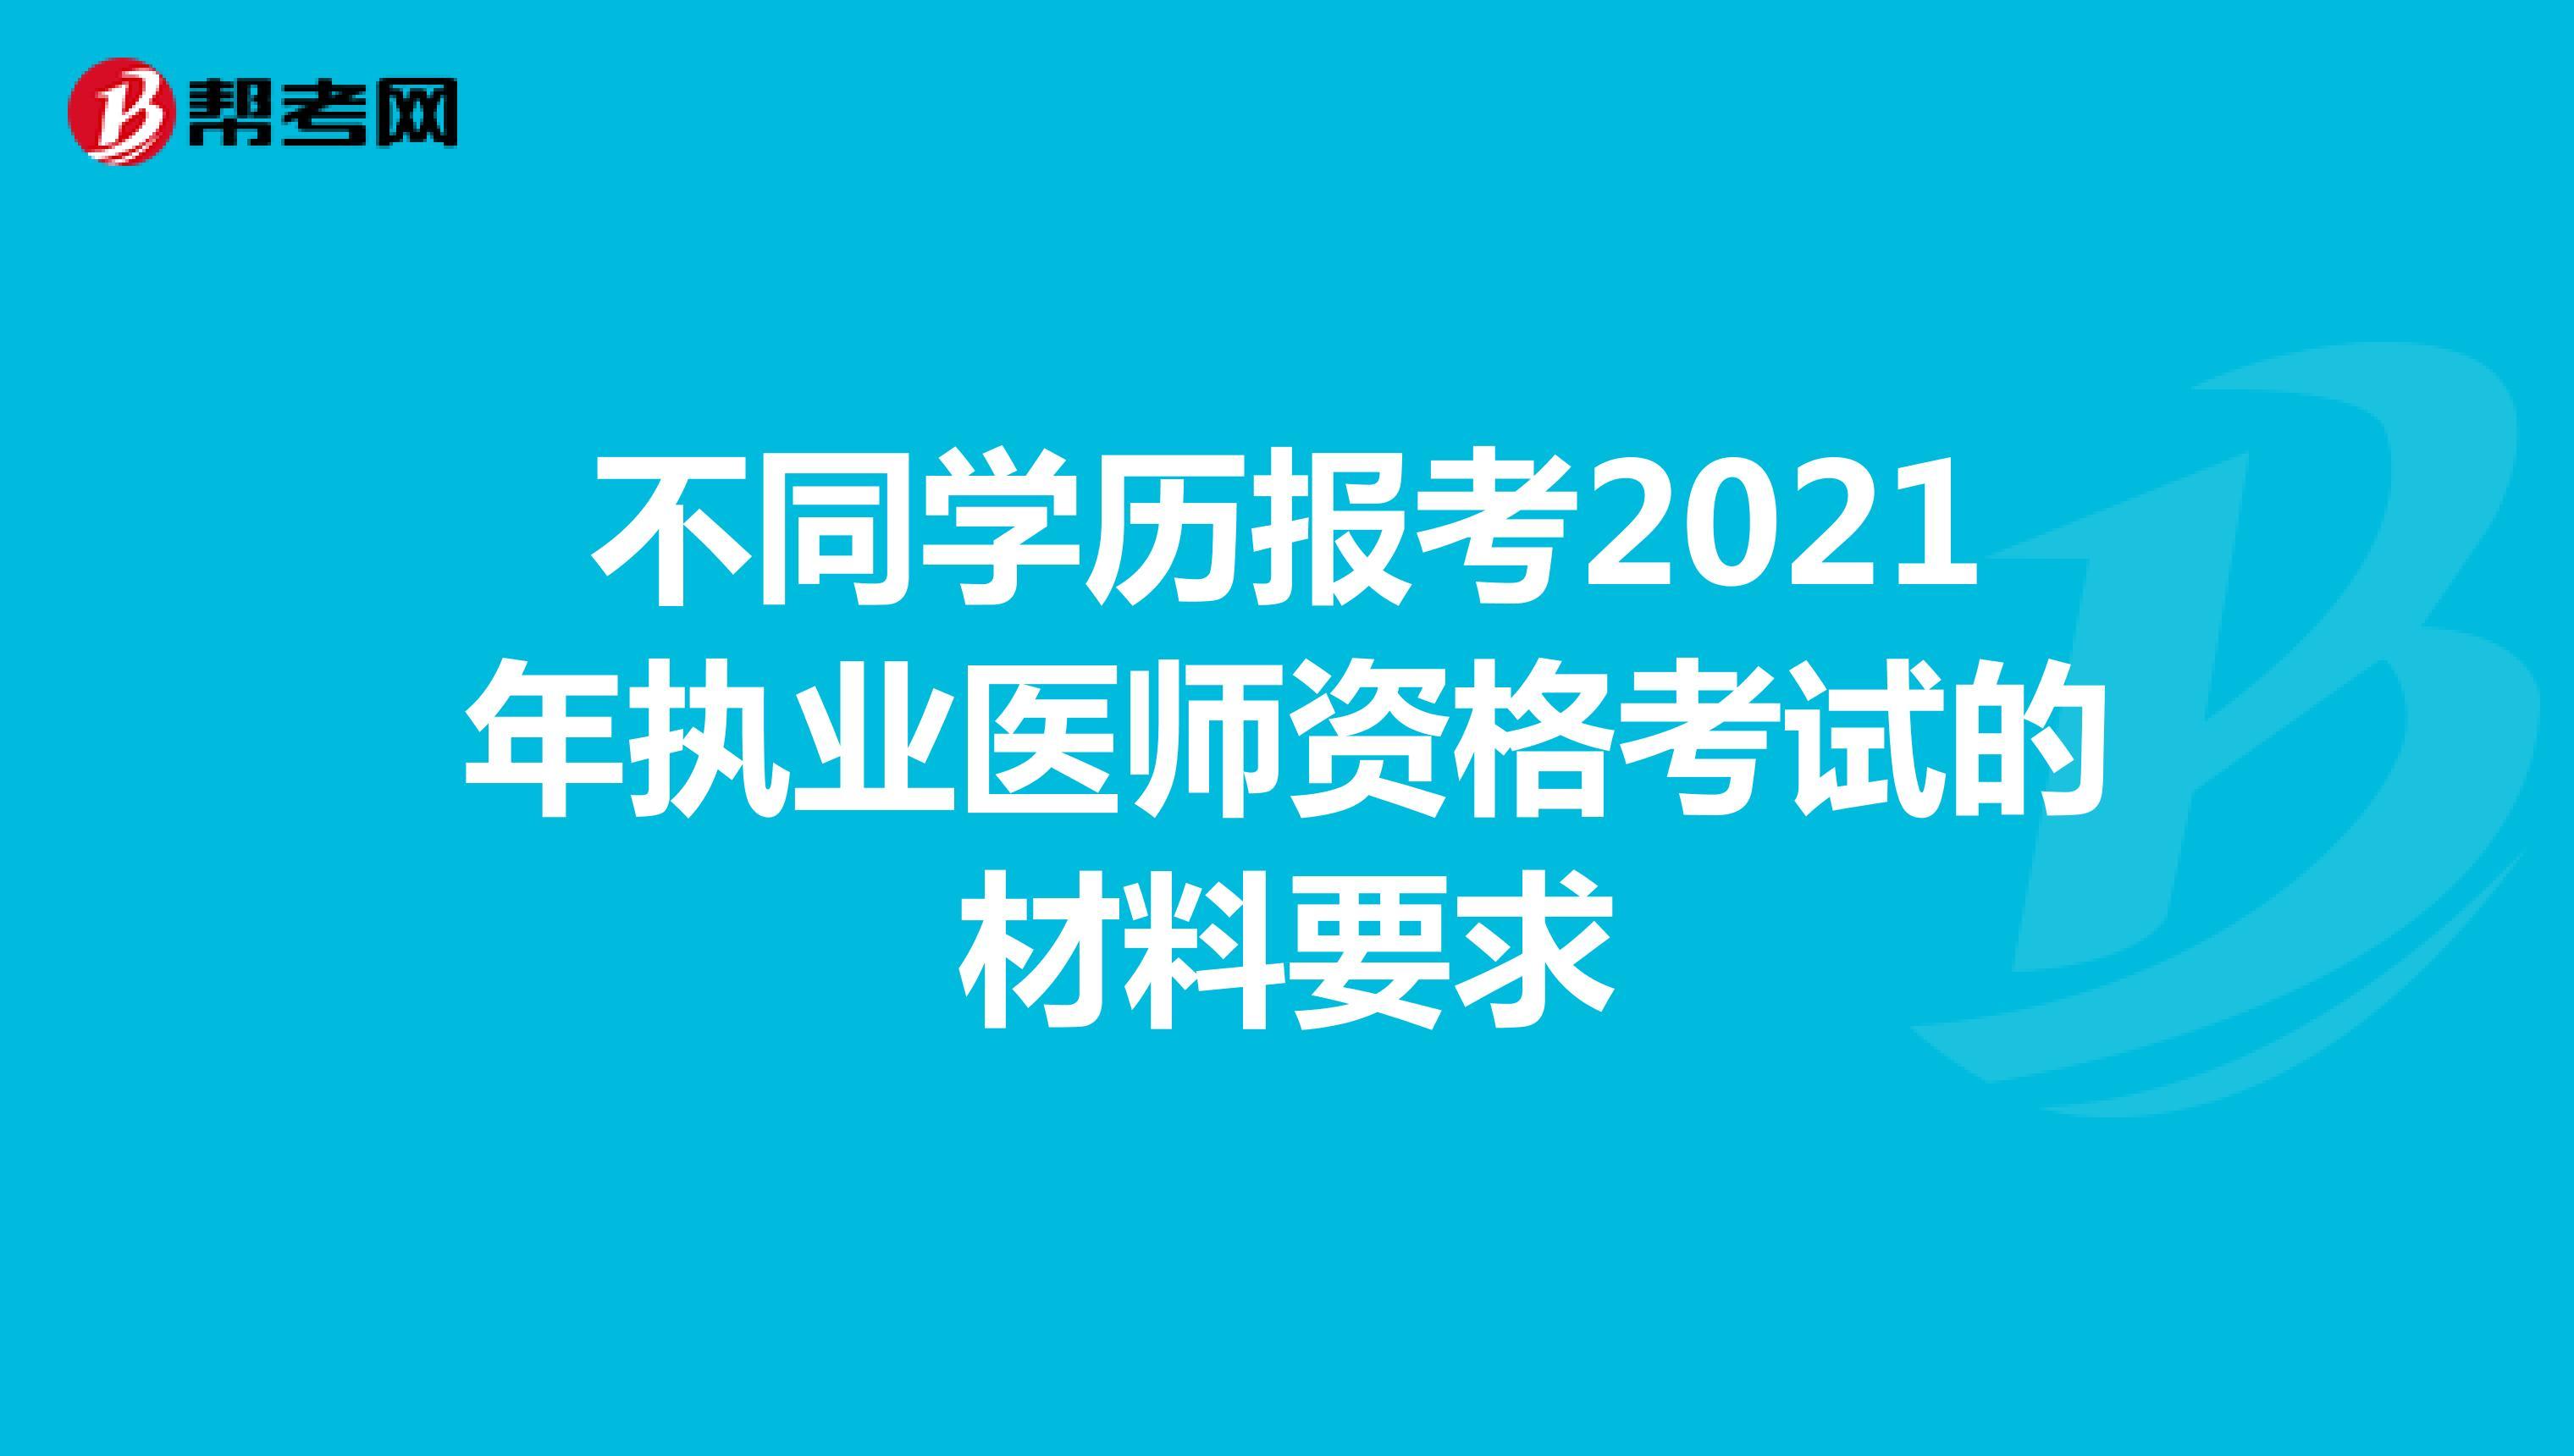 不同学历报考2021年执业医师资格考试的材料要求